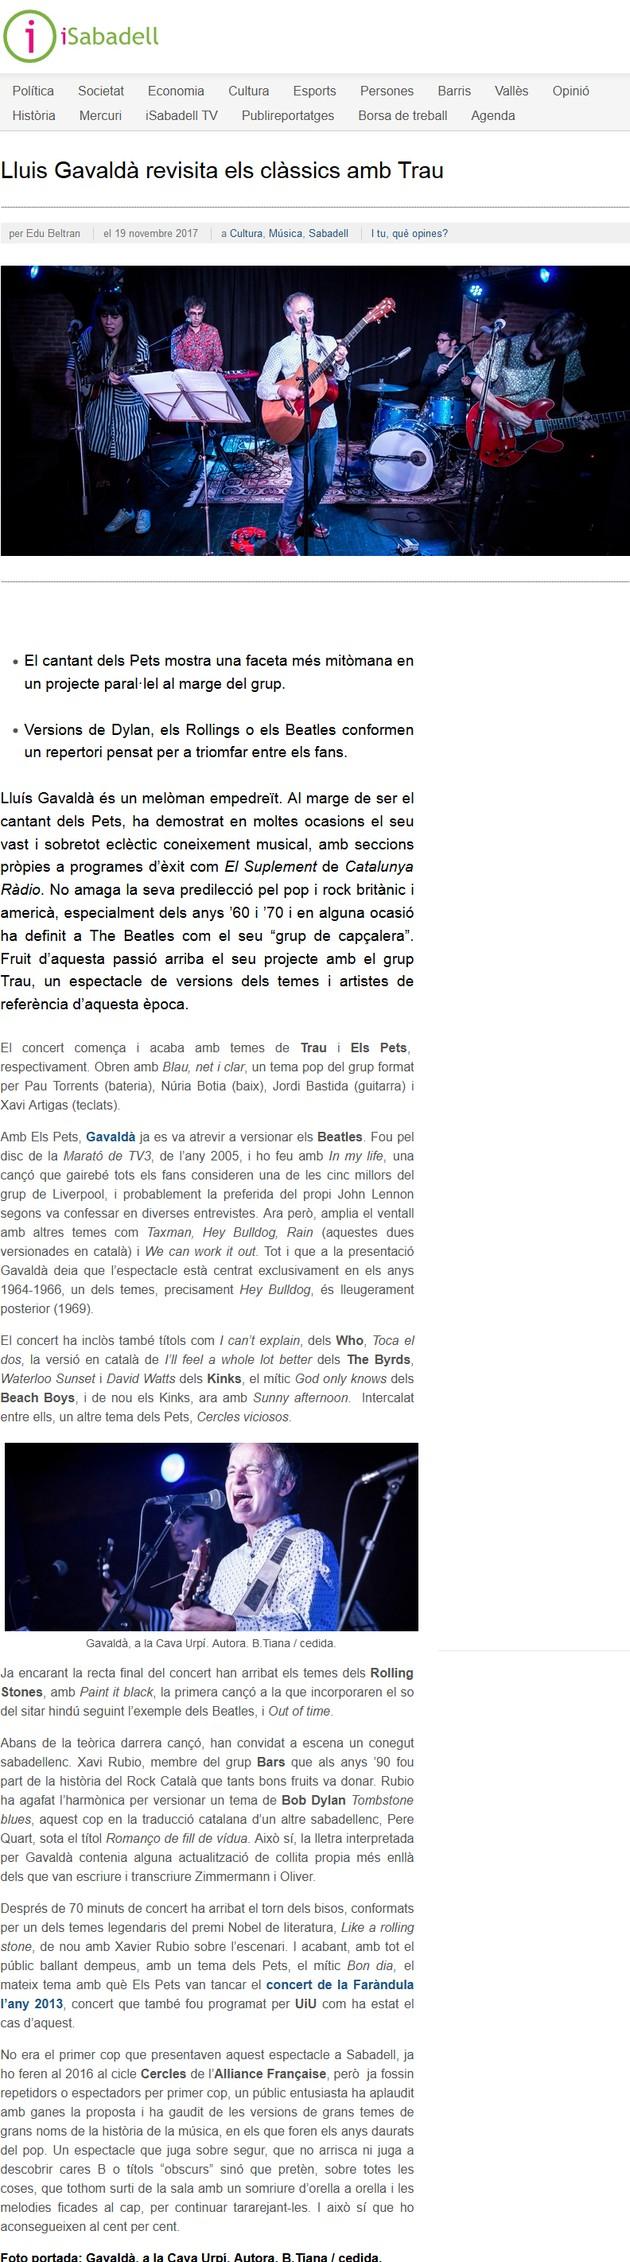 iSabadell: Lluis Gavaldà revisita els clàssics amb Trau